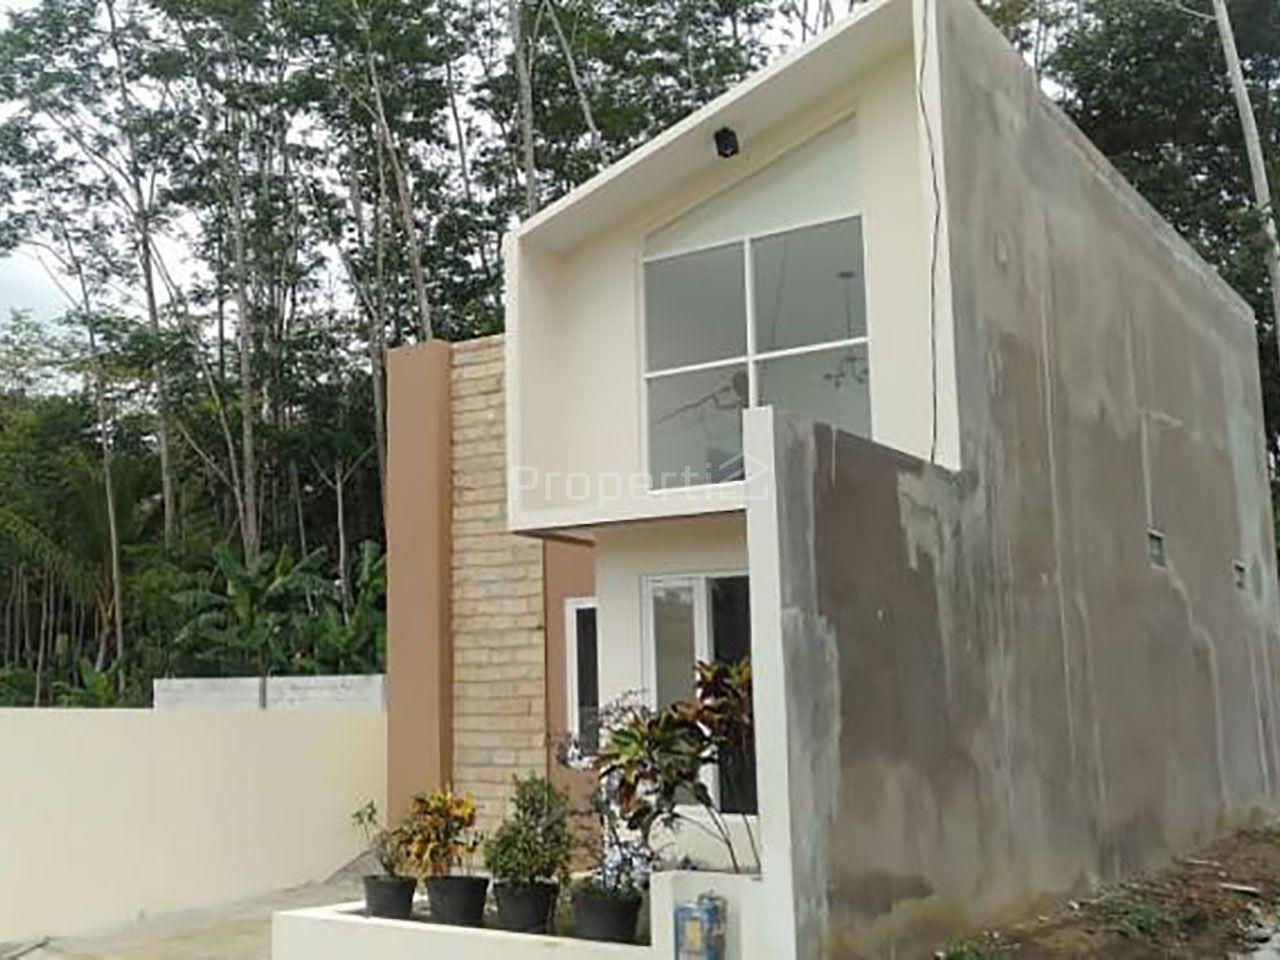 Rumah Baru di Permata Annisa Kota Malang, Jawa Timur